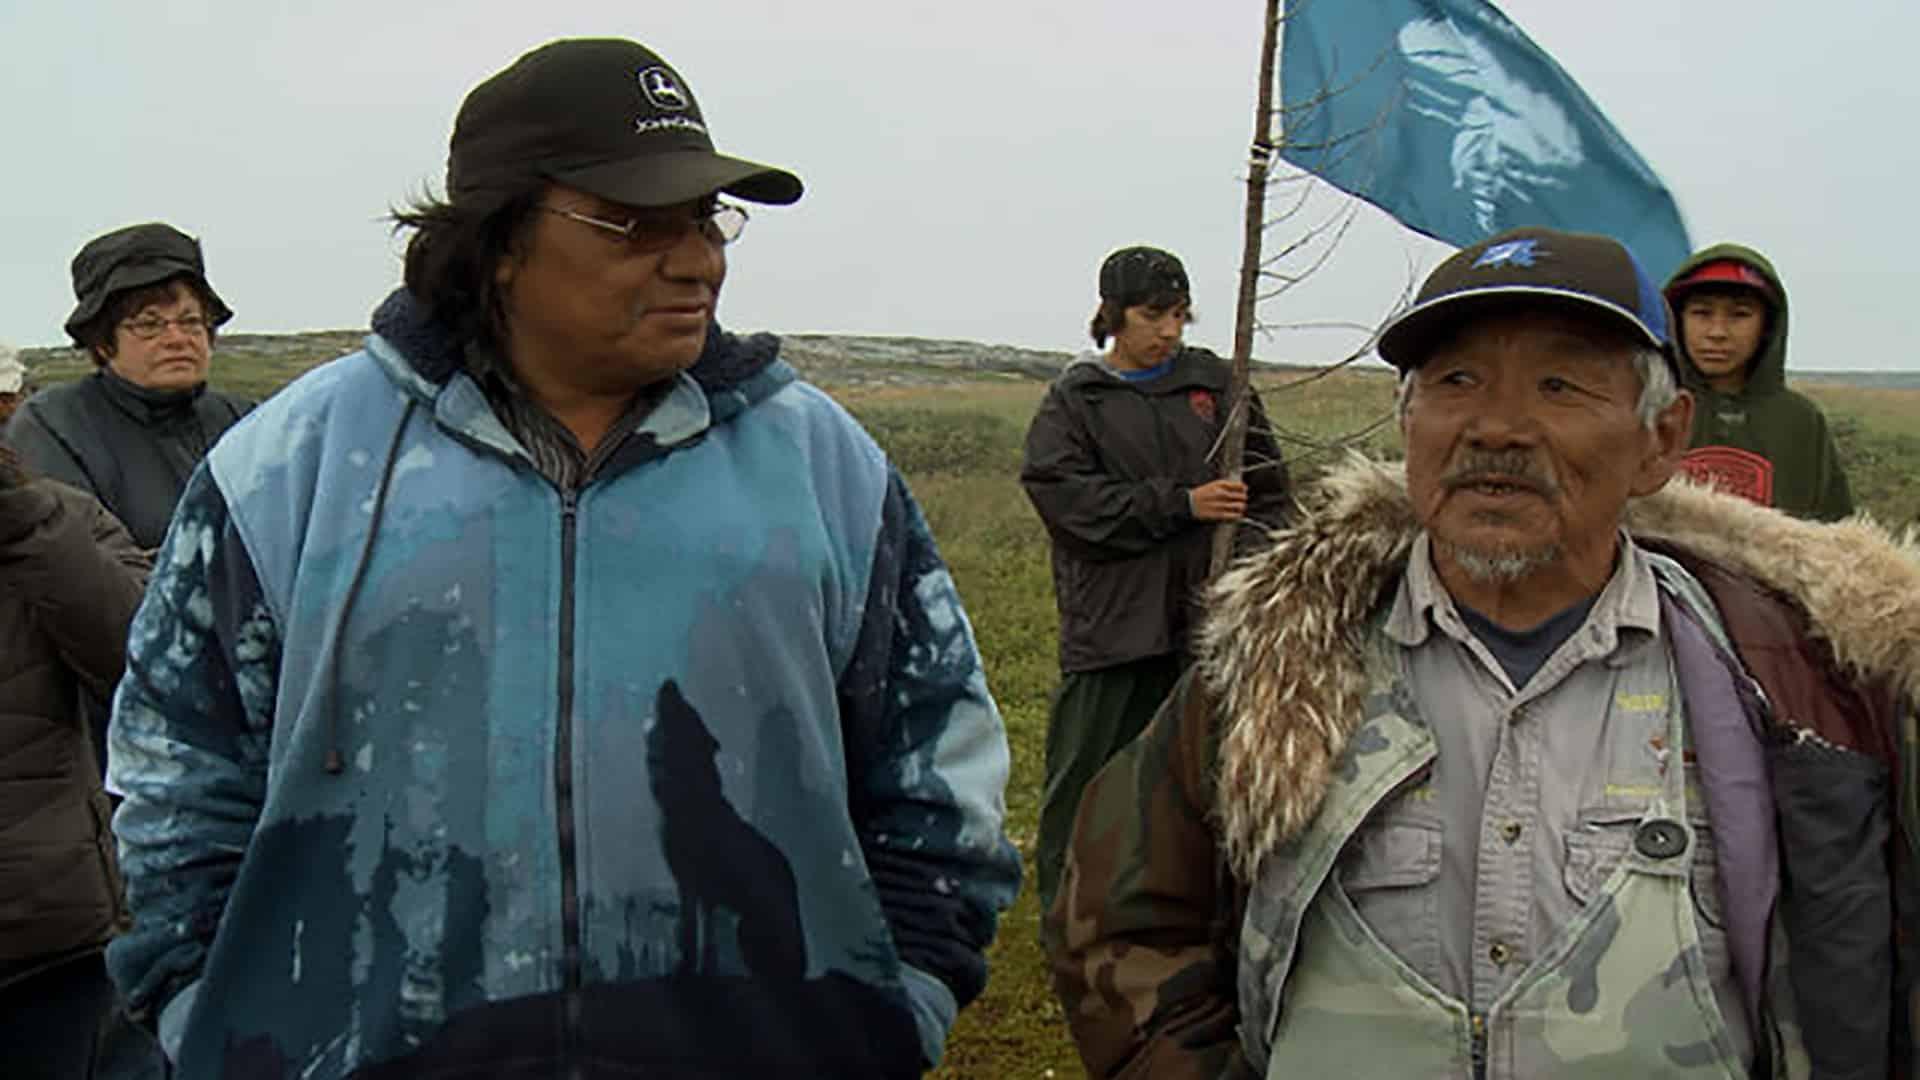 Inuit Cree Reconciliation